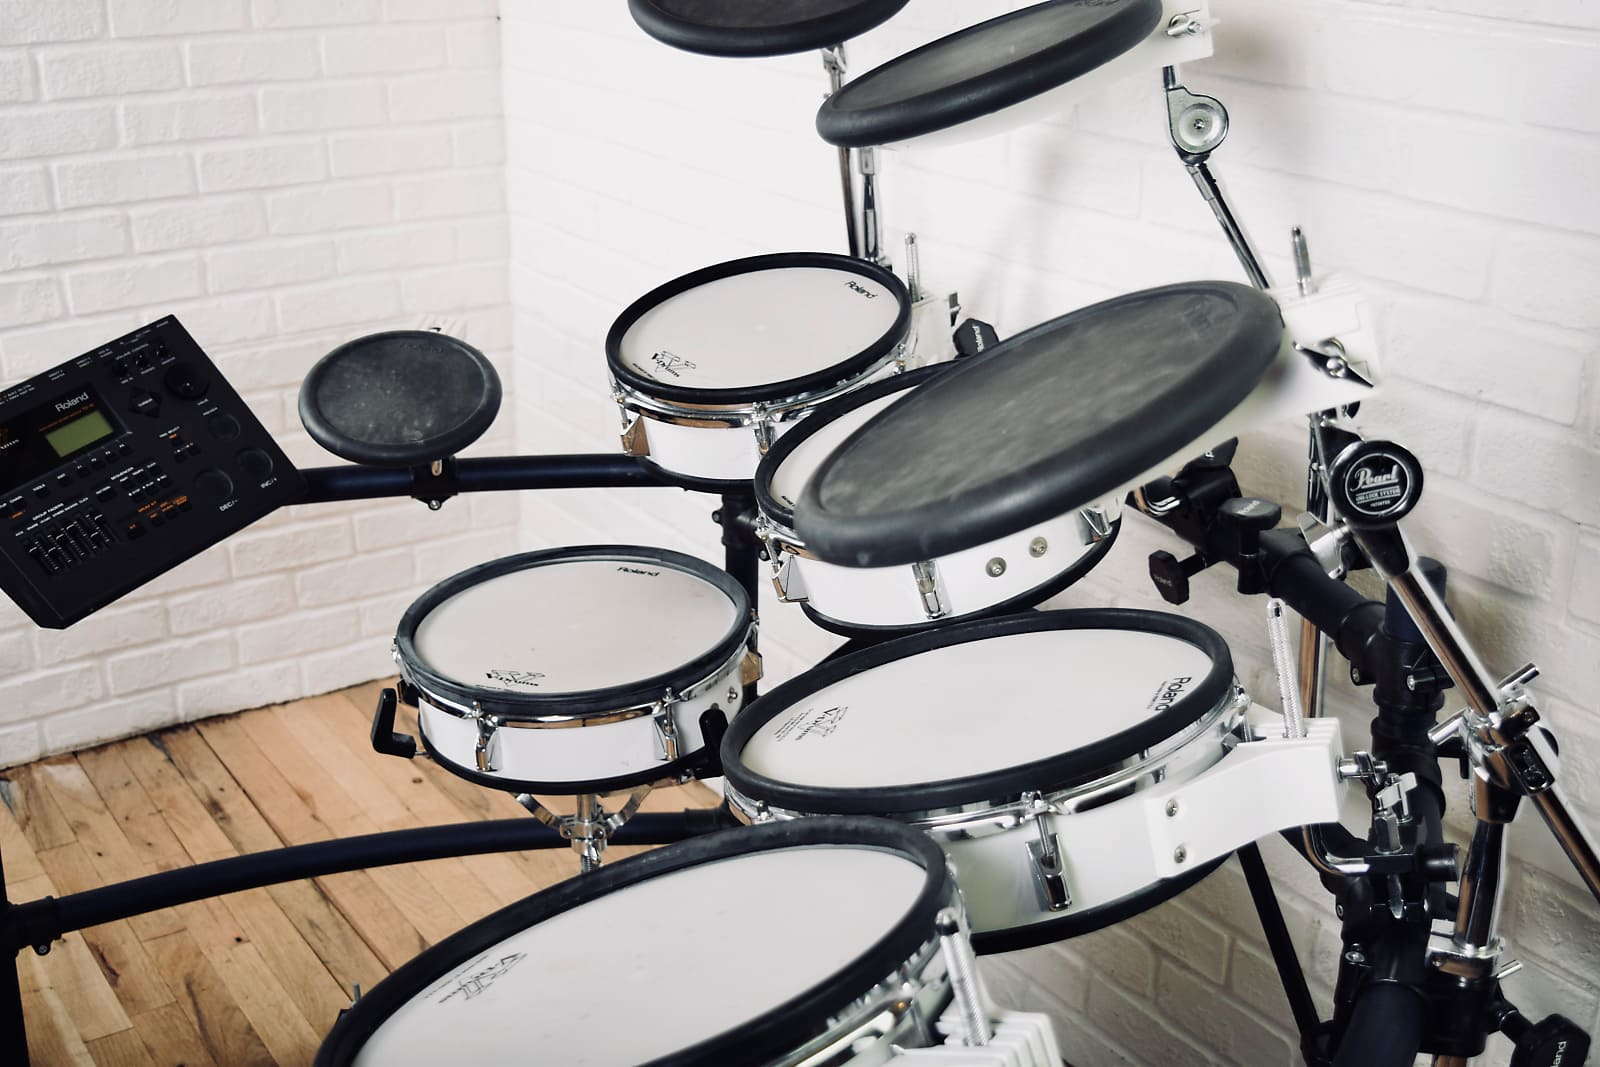 Roland TD-10 electronic drum set kit Excellent cond -TD10 V-drums for sale